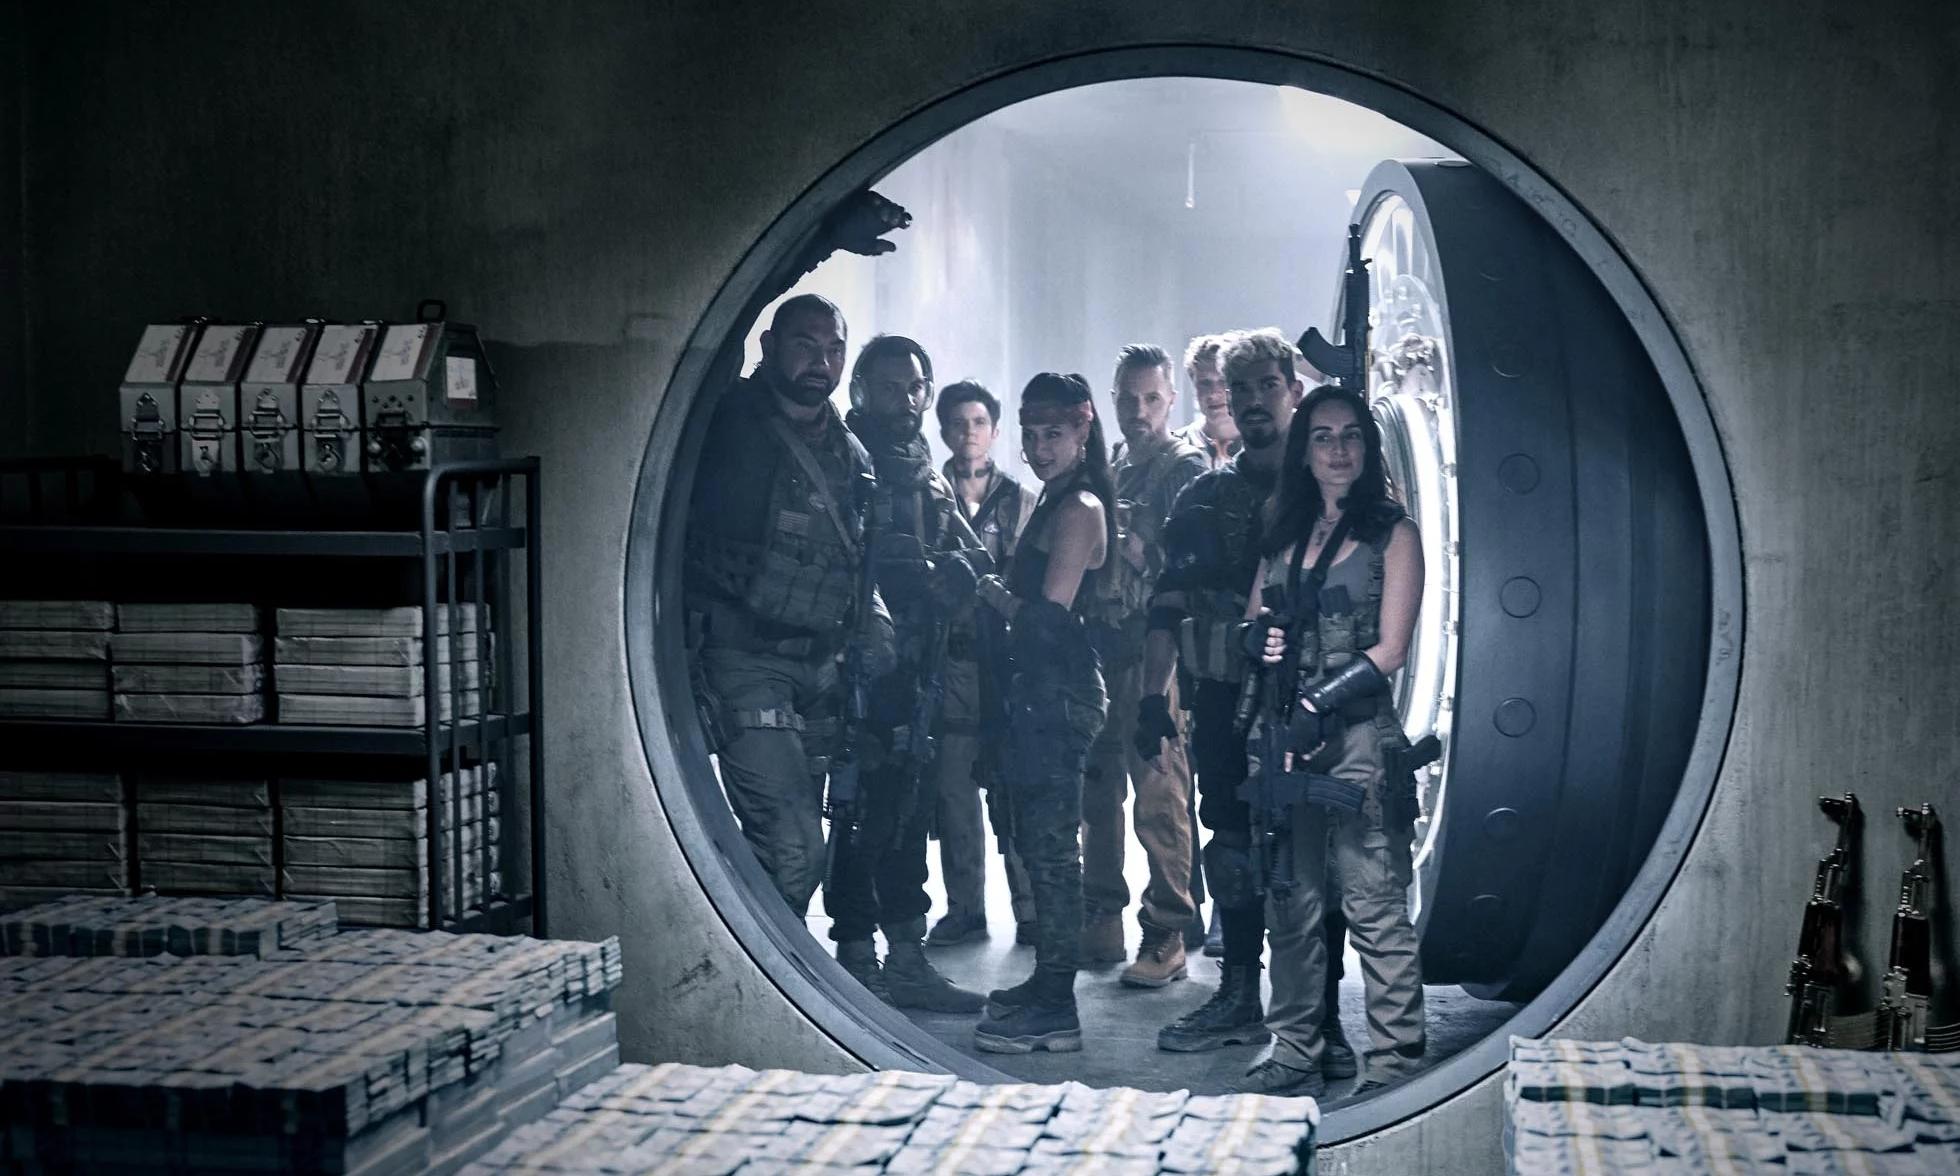 扎克·施奈德执导新片《活死人军团》释出首支正式预告